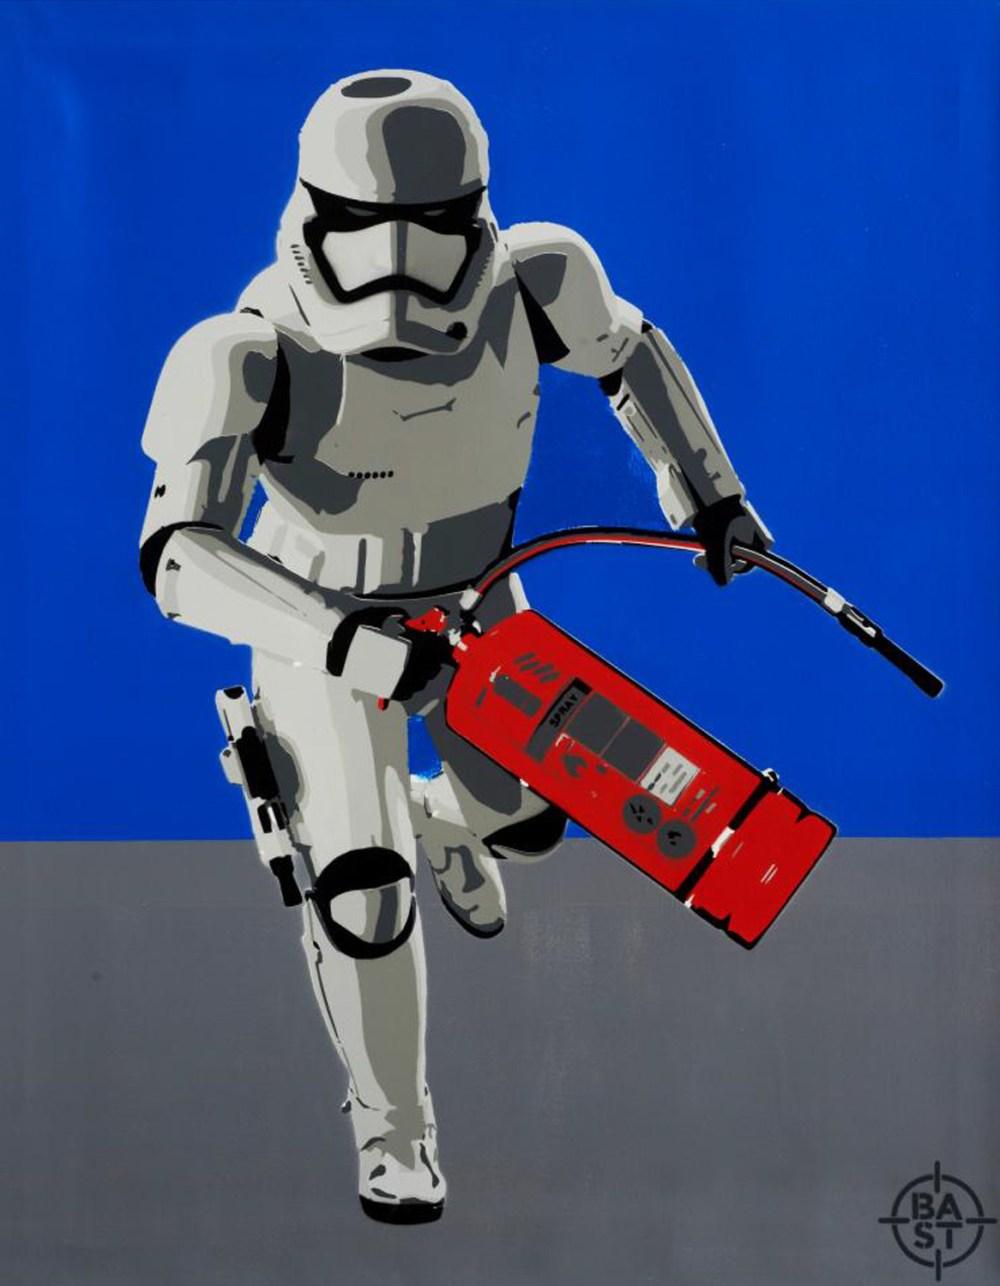 15 BASTO. Bastrooper 01, 100 x 80 cm. Acrílico y spray sobre lienzo, 2016